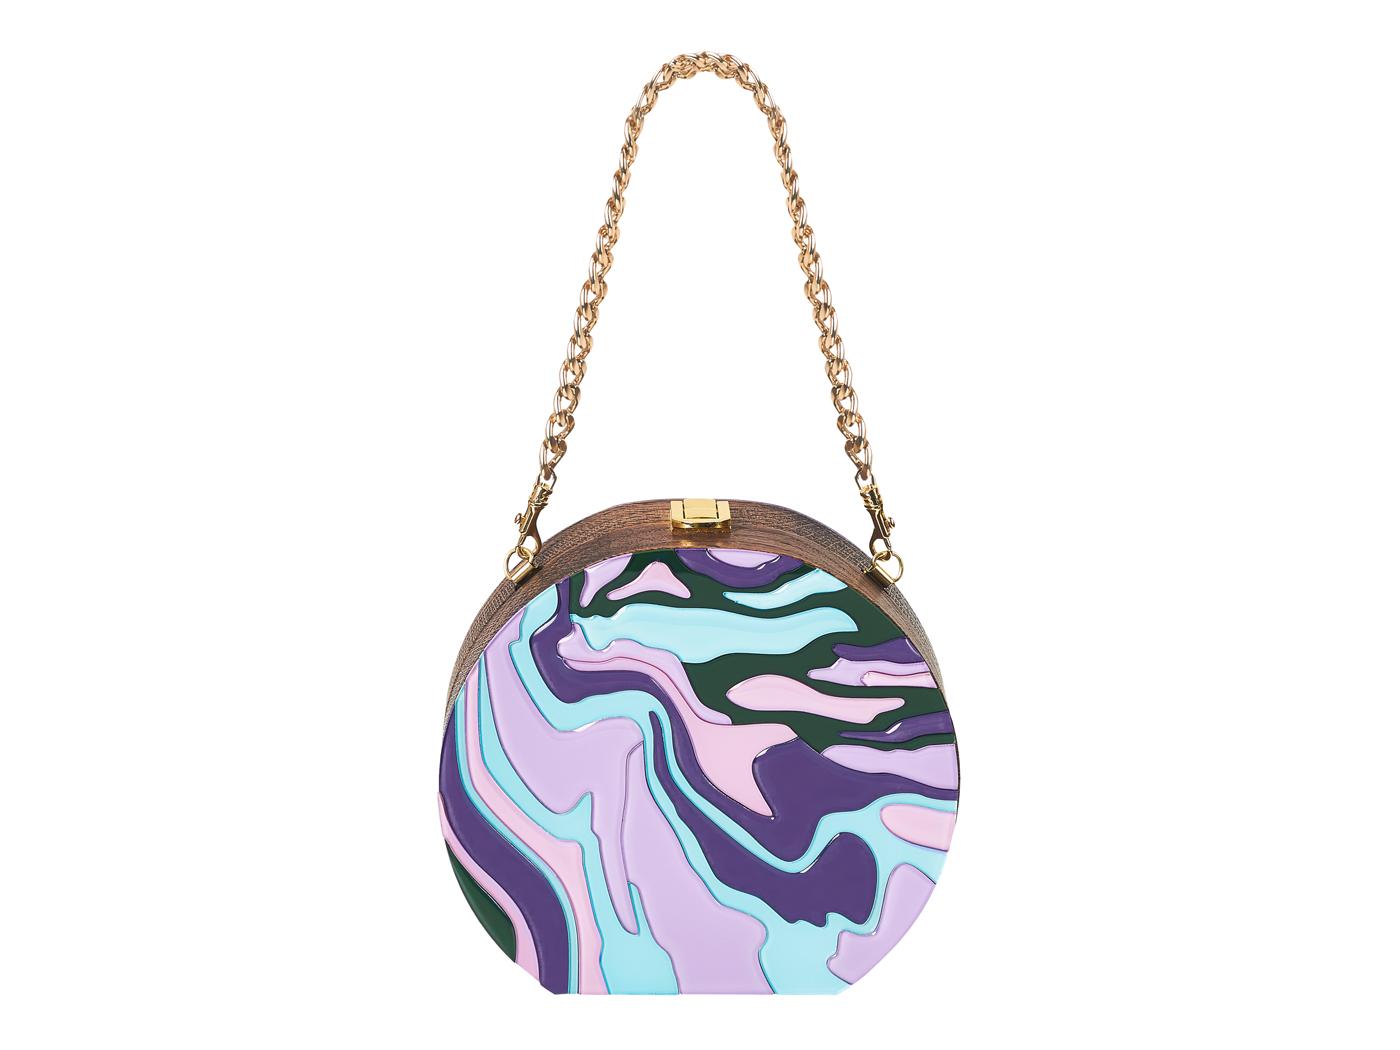 Golovina-marble-clutch-bag-violet-and-blue-4